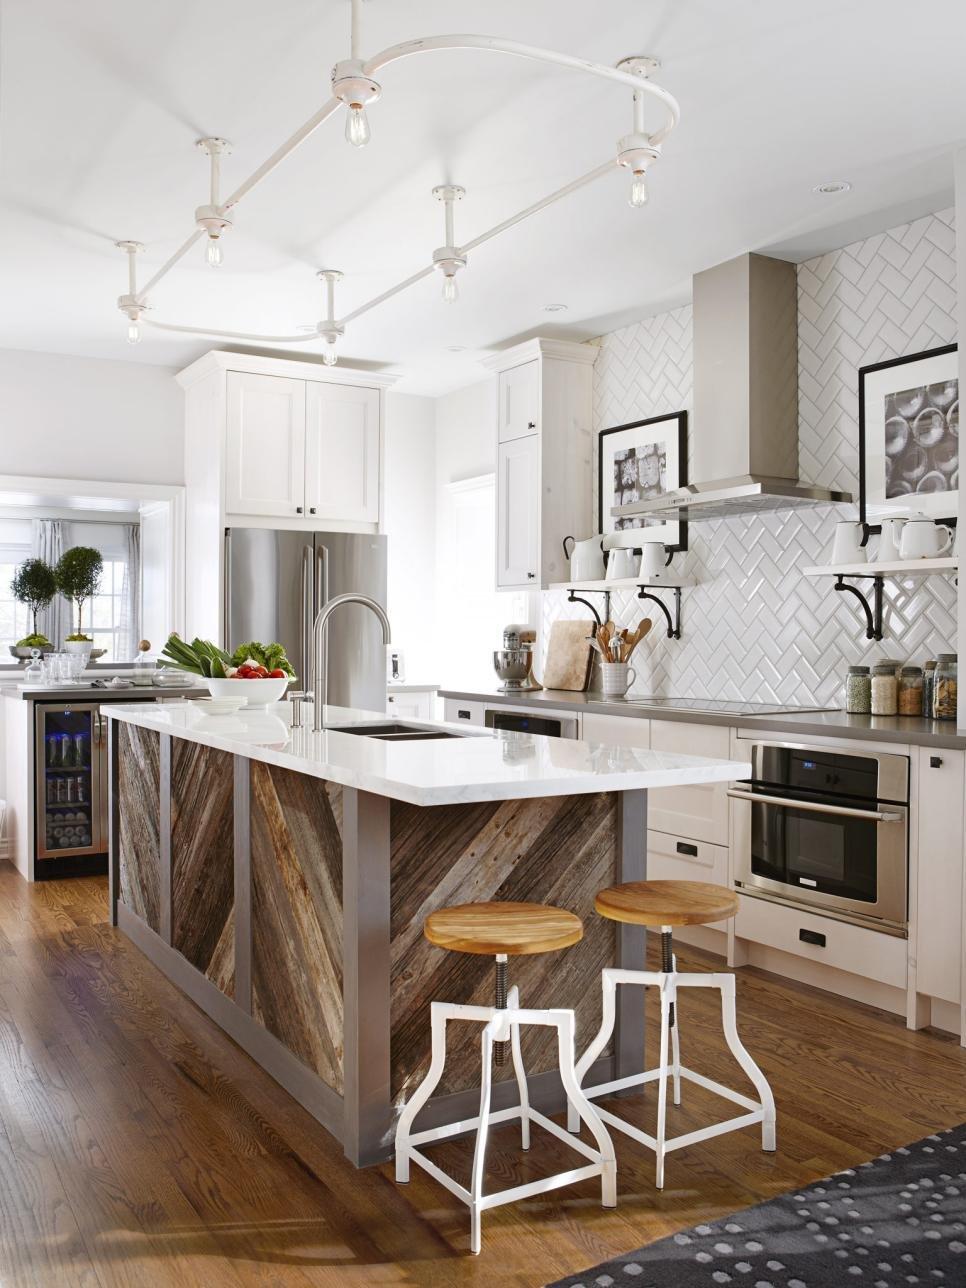 Kitchen Designs with Islands Ideas